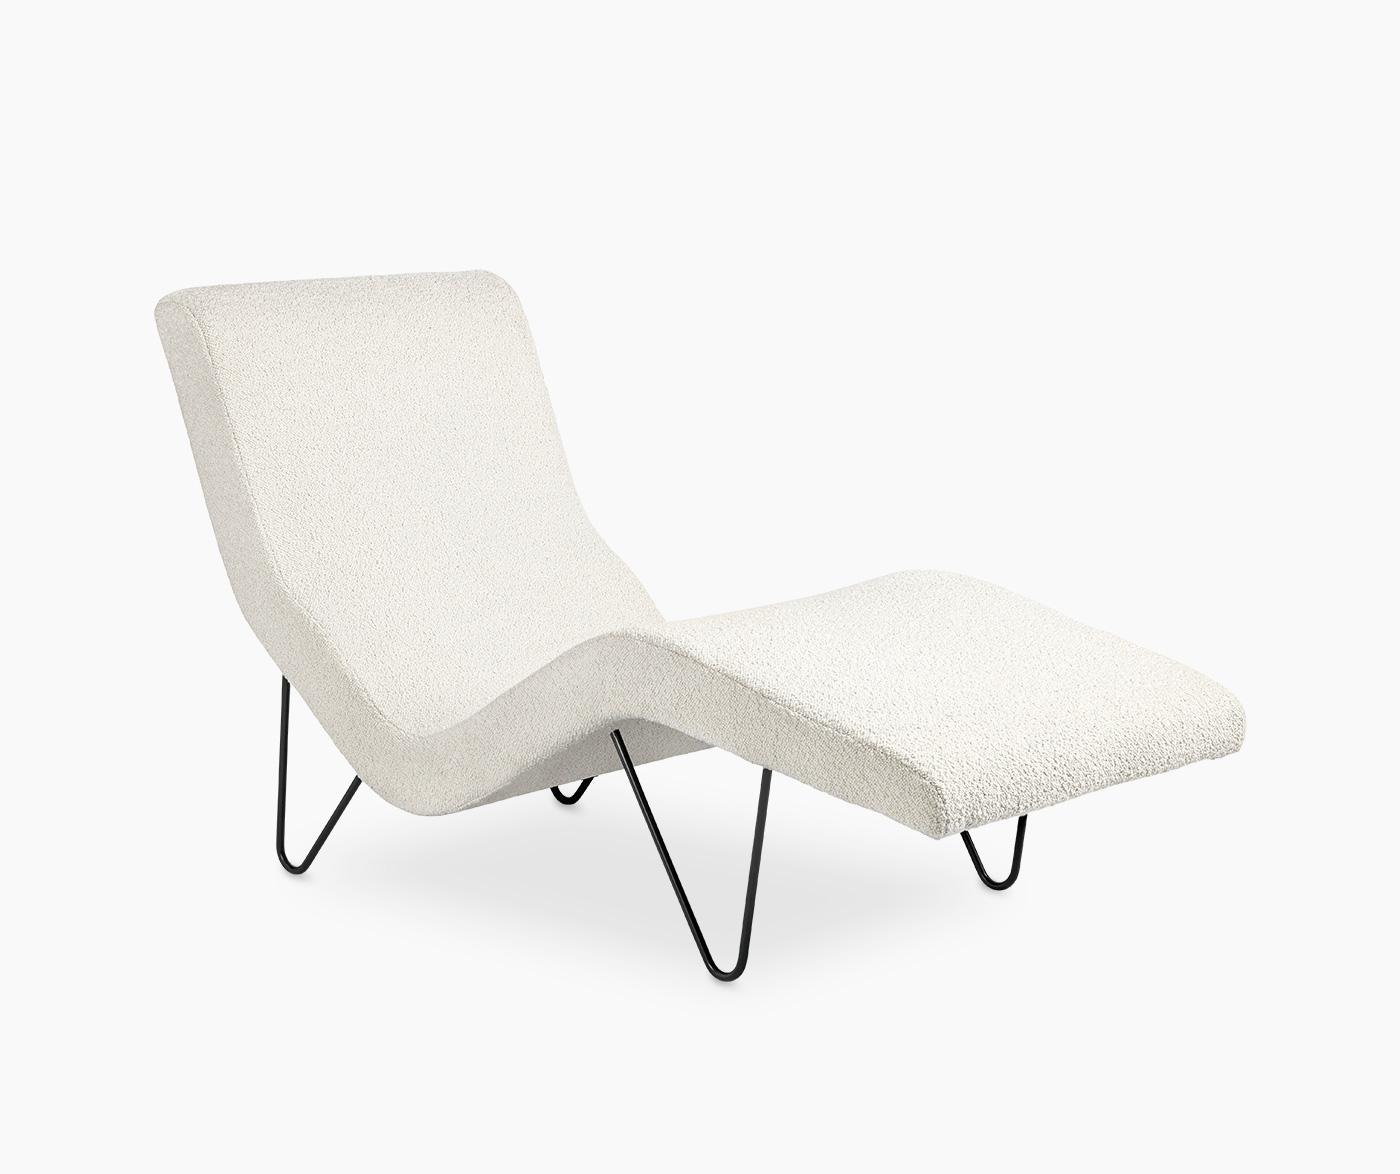 TinnappleMetz-Gubi-GMG-Chaise-lounge-05